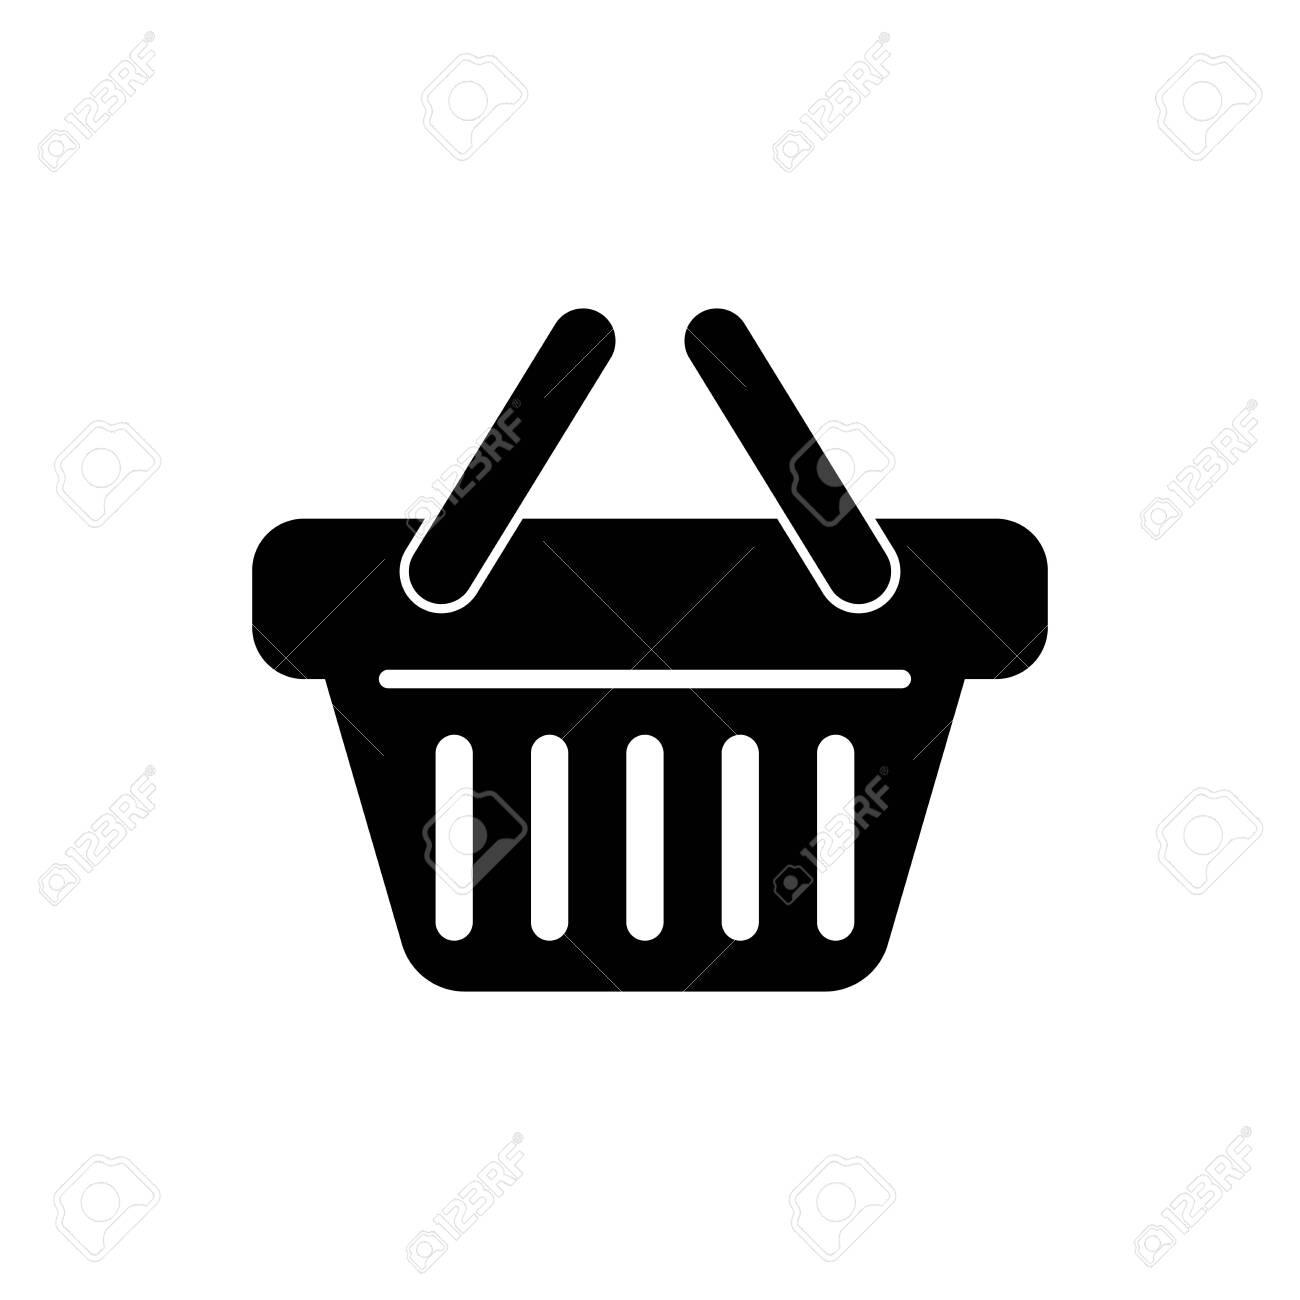 Black Shopping basket icon isolated on white background. Vector Illustration - 125317954